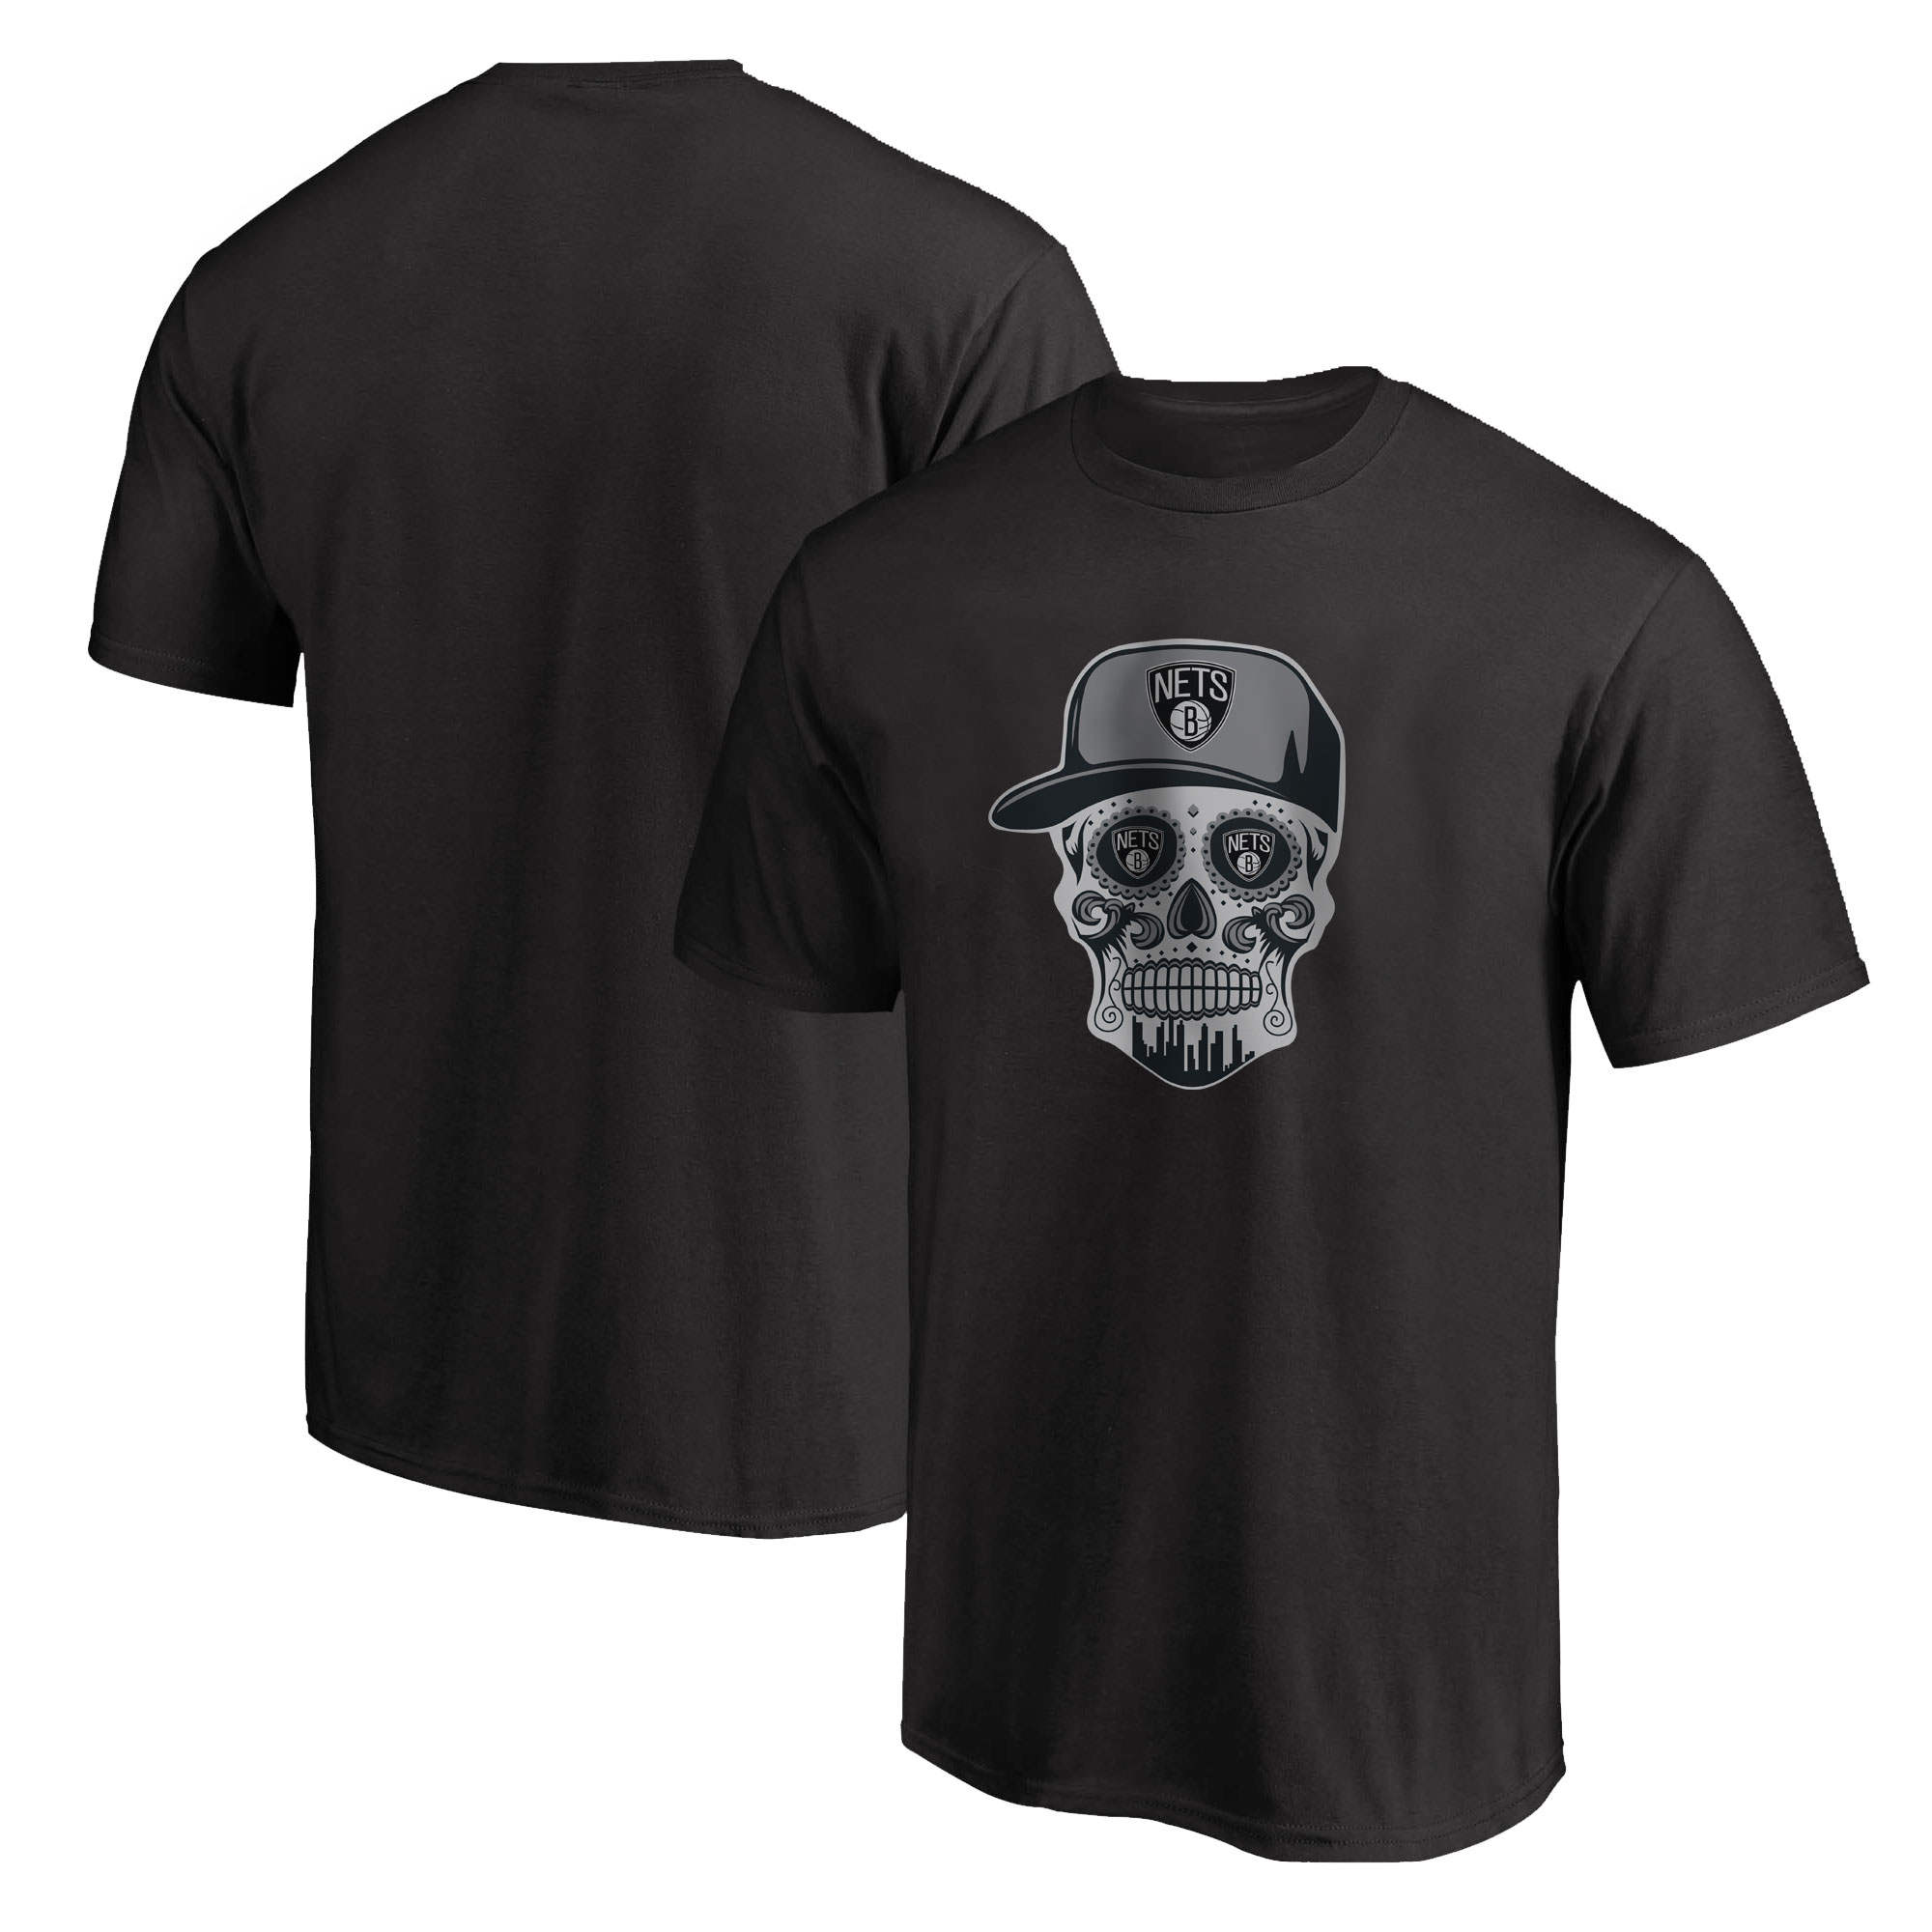 Brooklyn Skull  Tshirt (TSH-BLC-NP-445-NBA-BRO-SKULL)